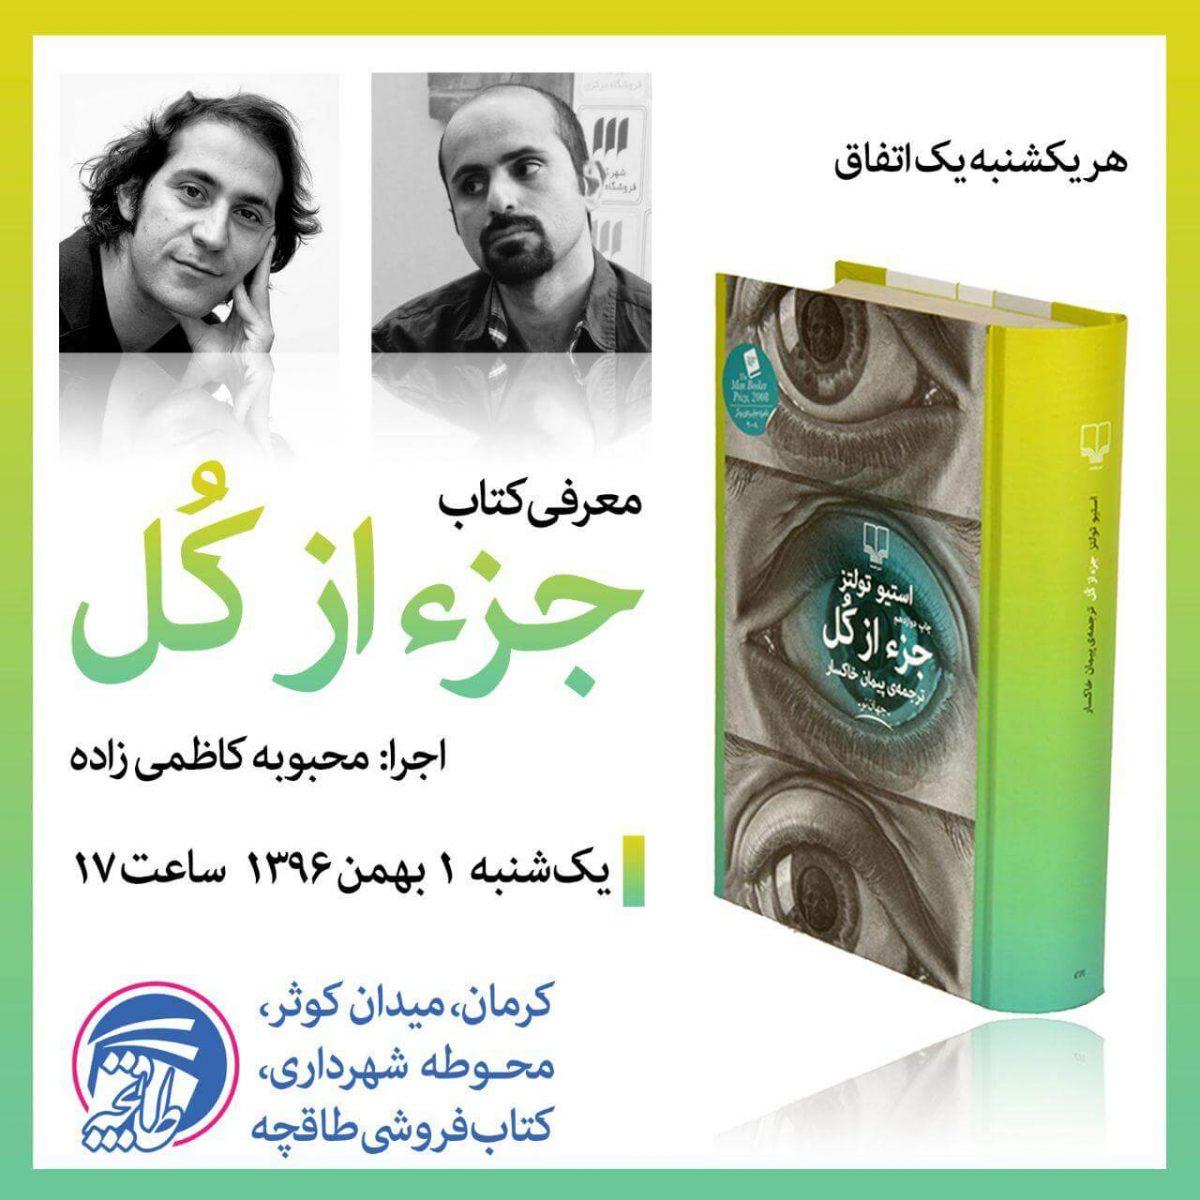 معرفی کتاب جزء از کل در کتابفروشی طاقچه کرمان